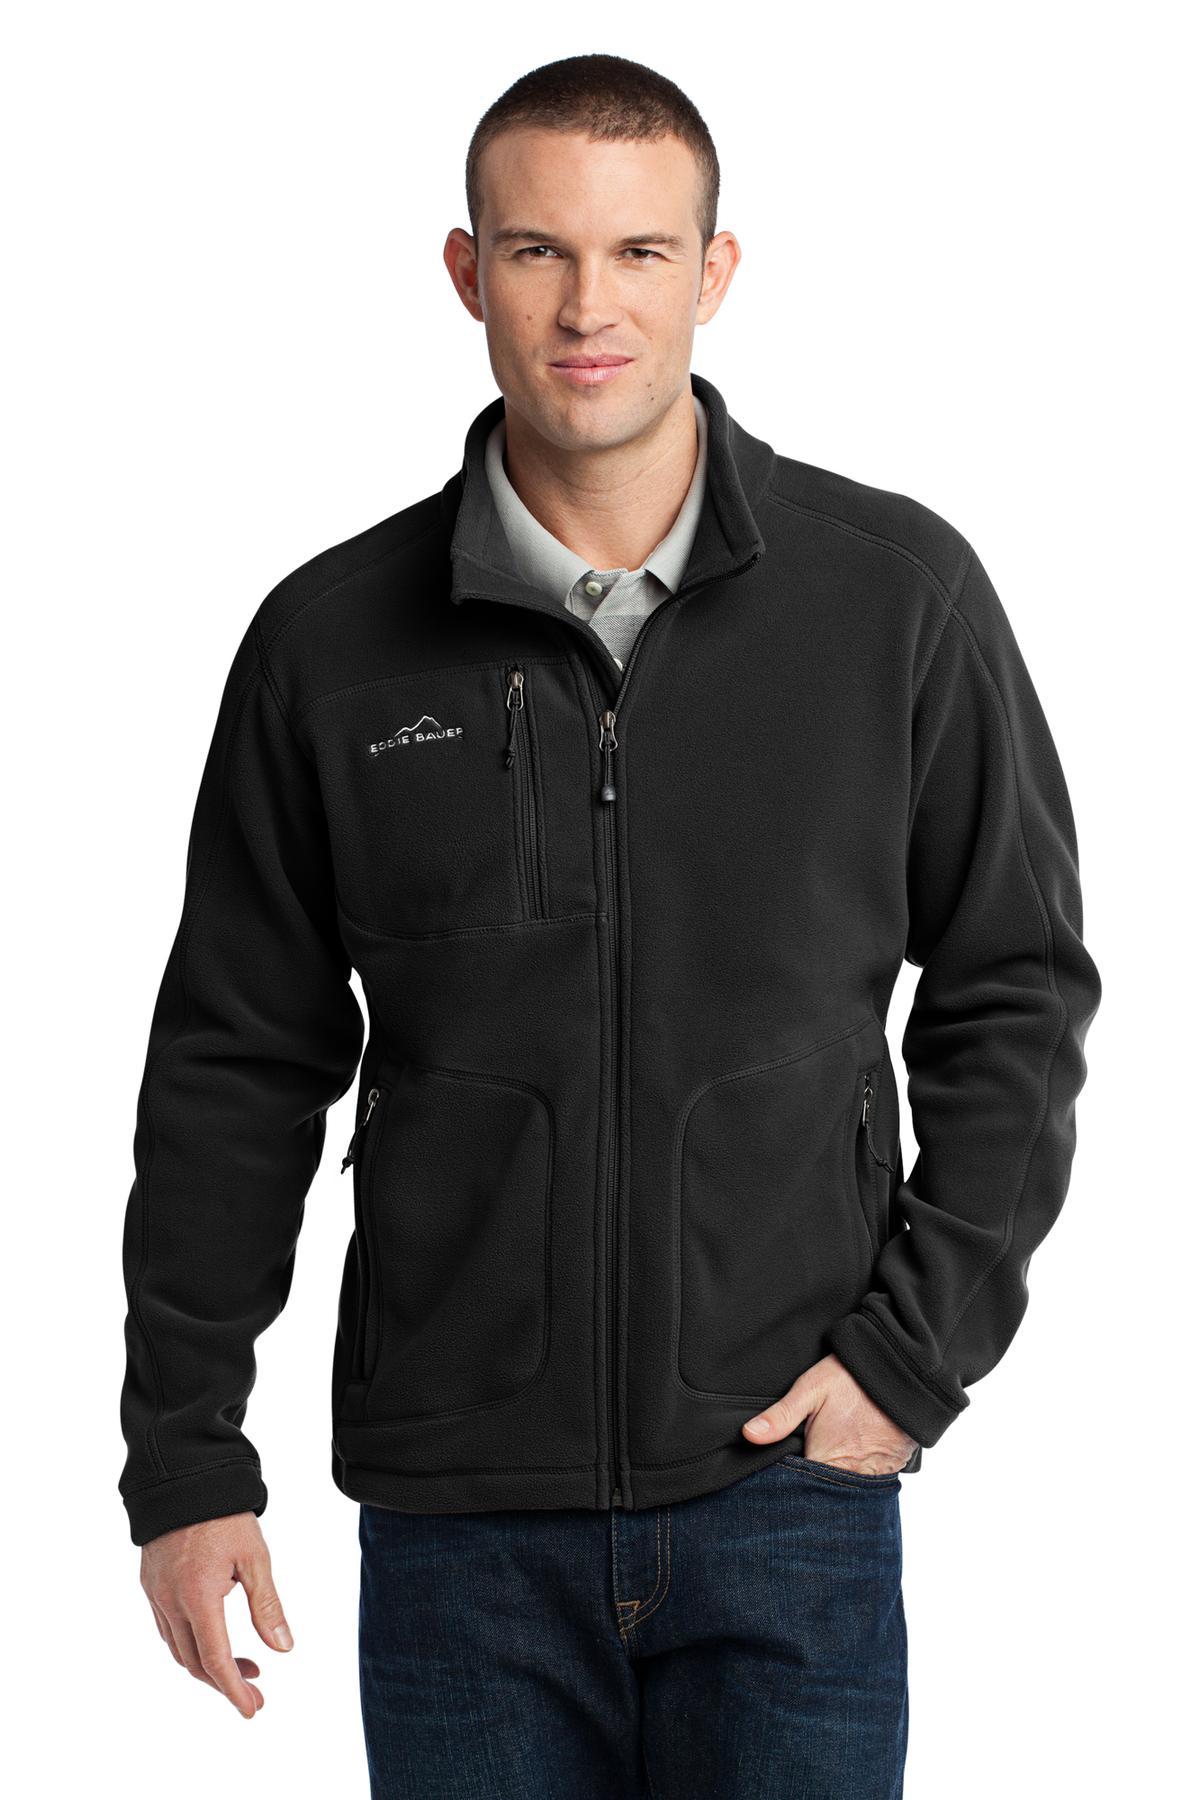 Outerwear-Polyester-Fleece-16